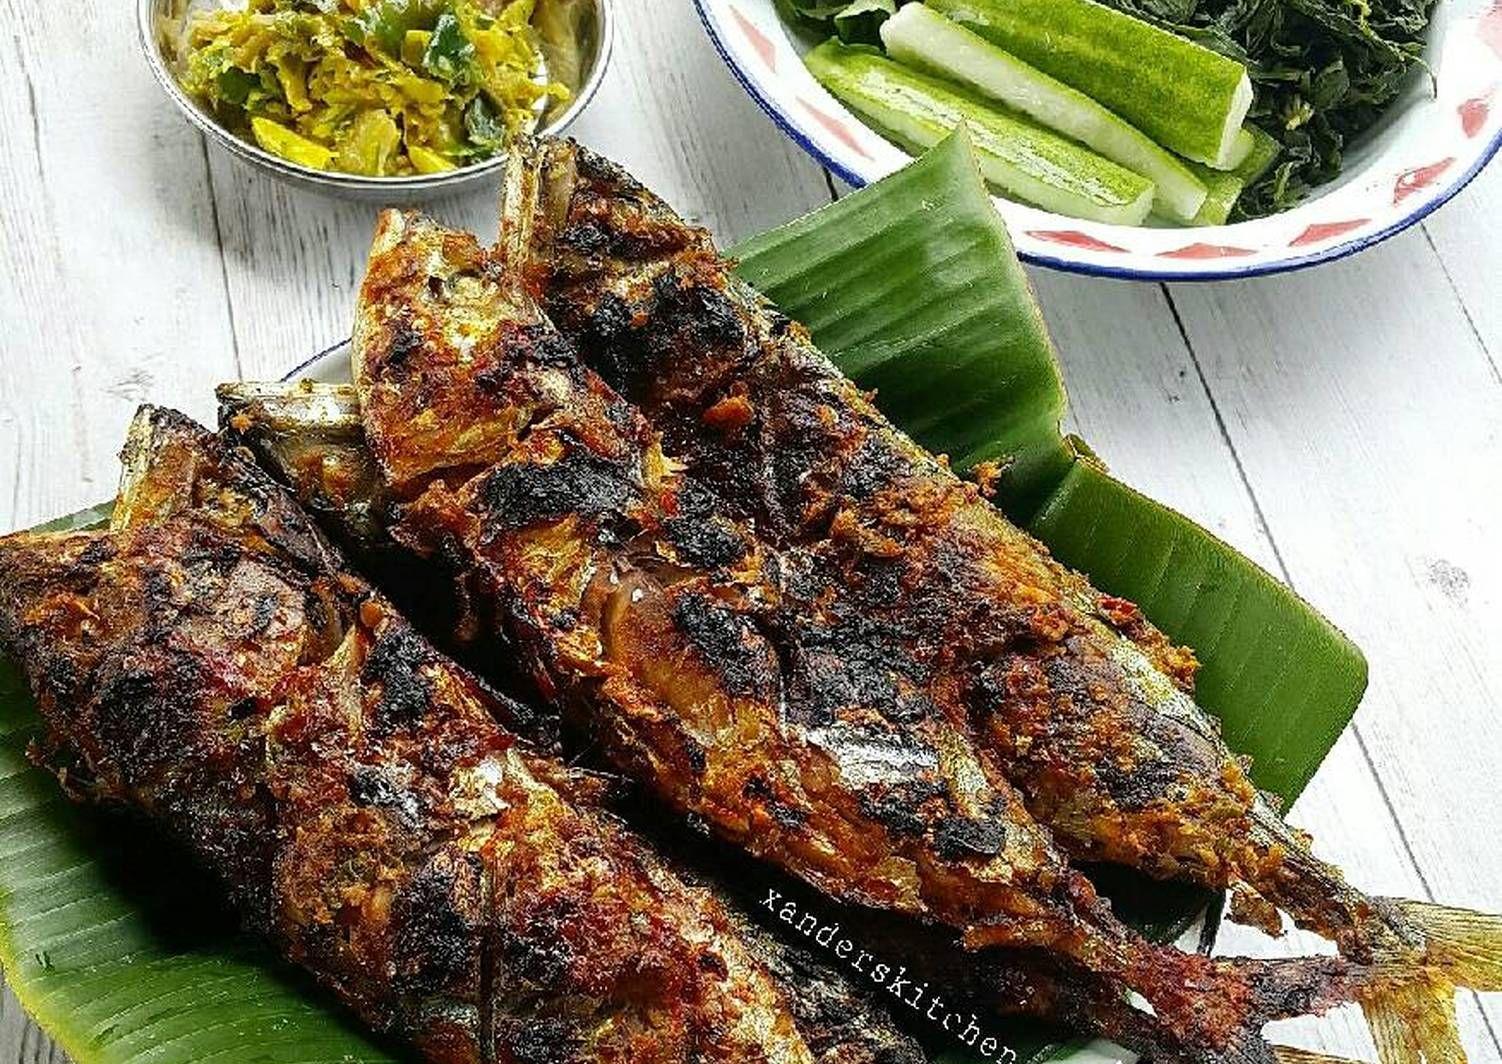 Resep Kembung Bakar Padang Oleh Xander S Kitchen Resep Resep Ikan Resep Ikan Bakar Resep